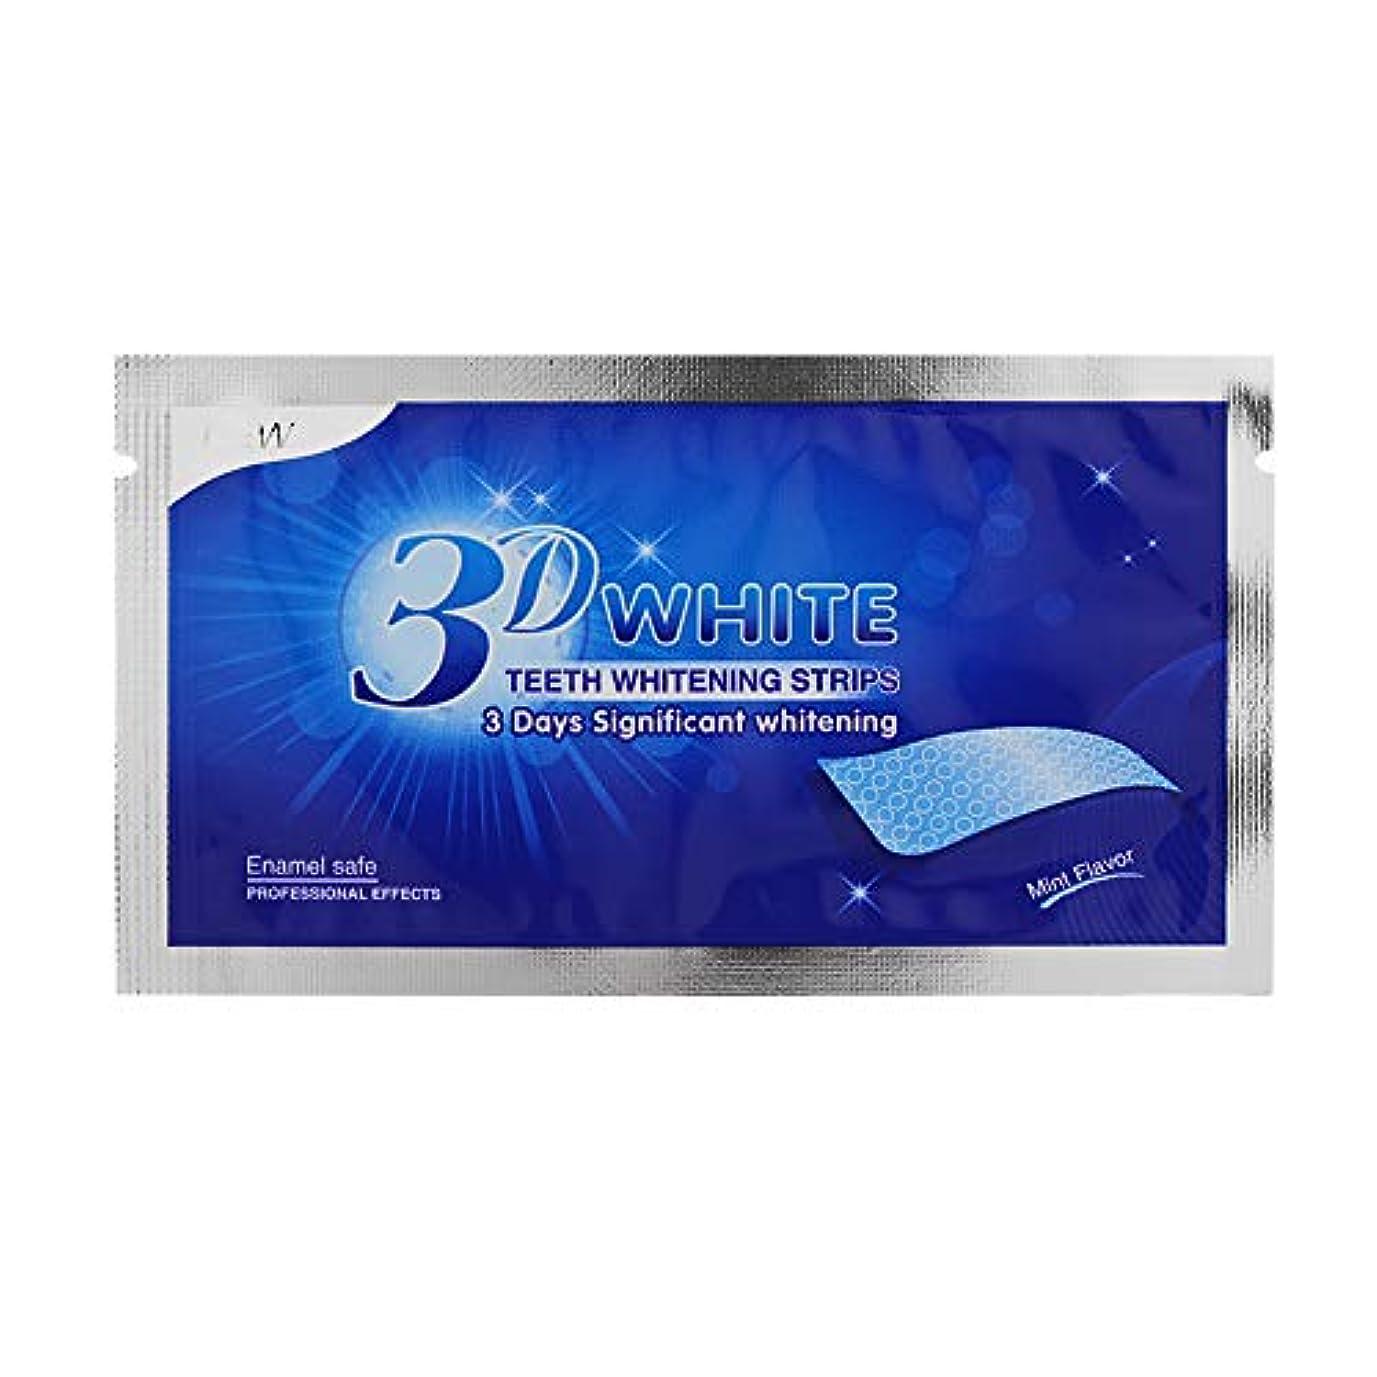 資本主義男資本主義Decdeal 歯美白ホワイトニング 1ピース 歯科ホワイトニングツール ホワイトニング 歯ケア テープ